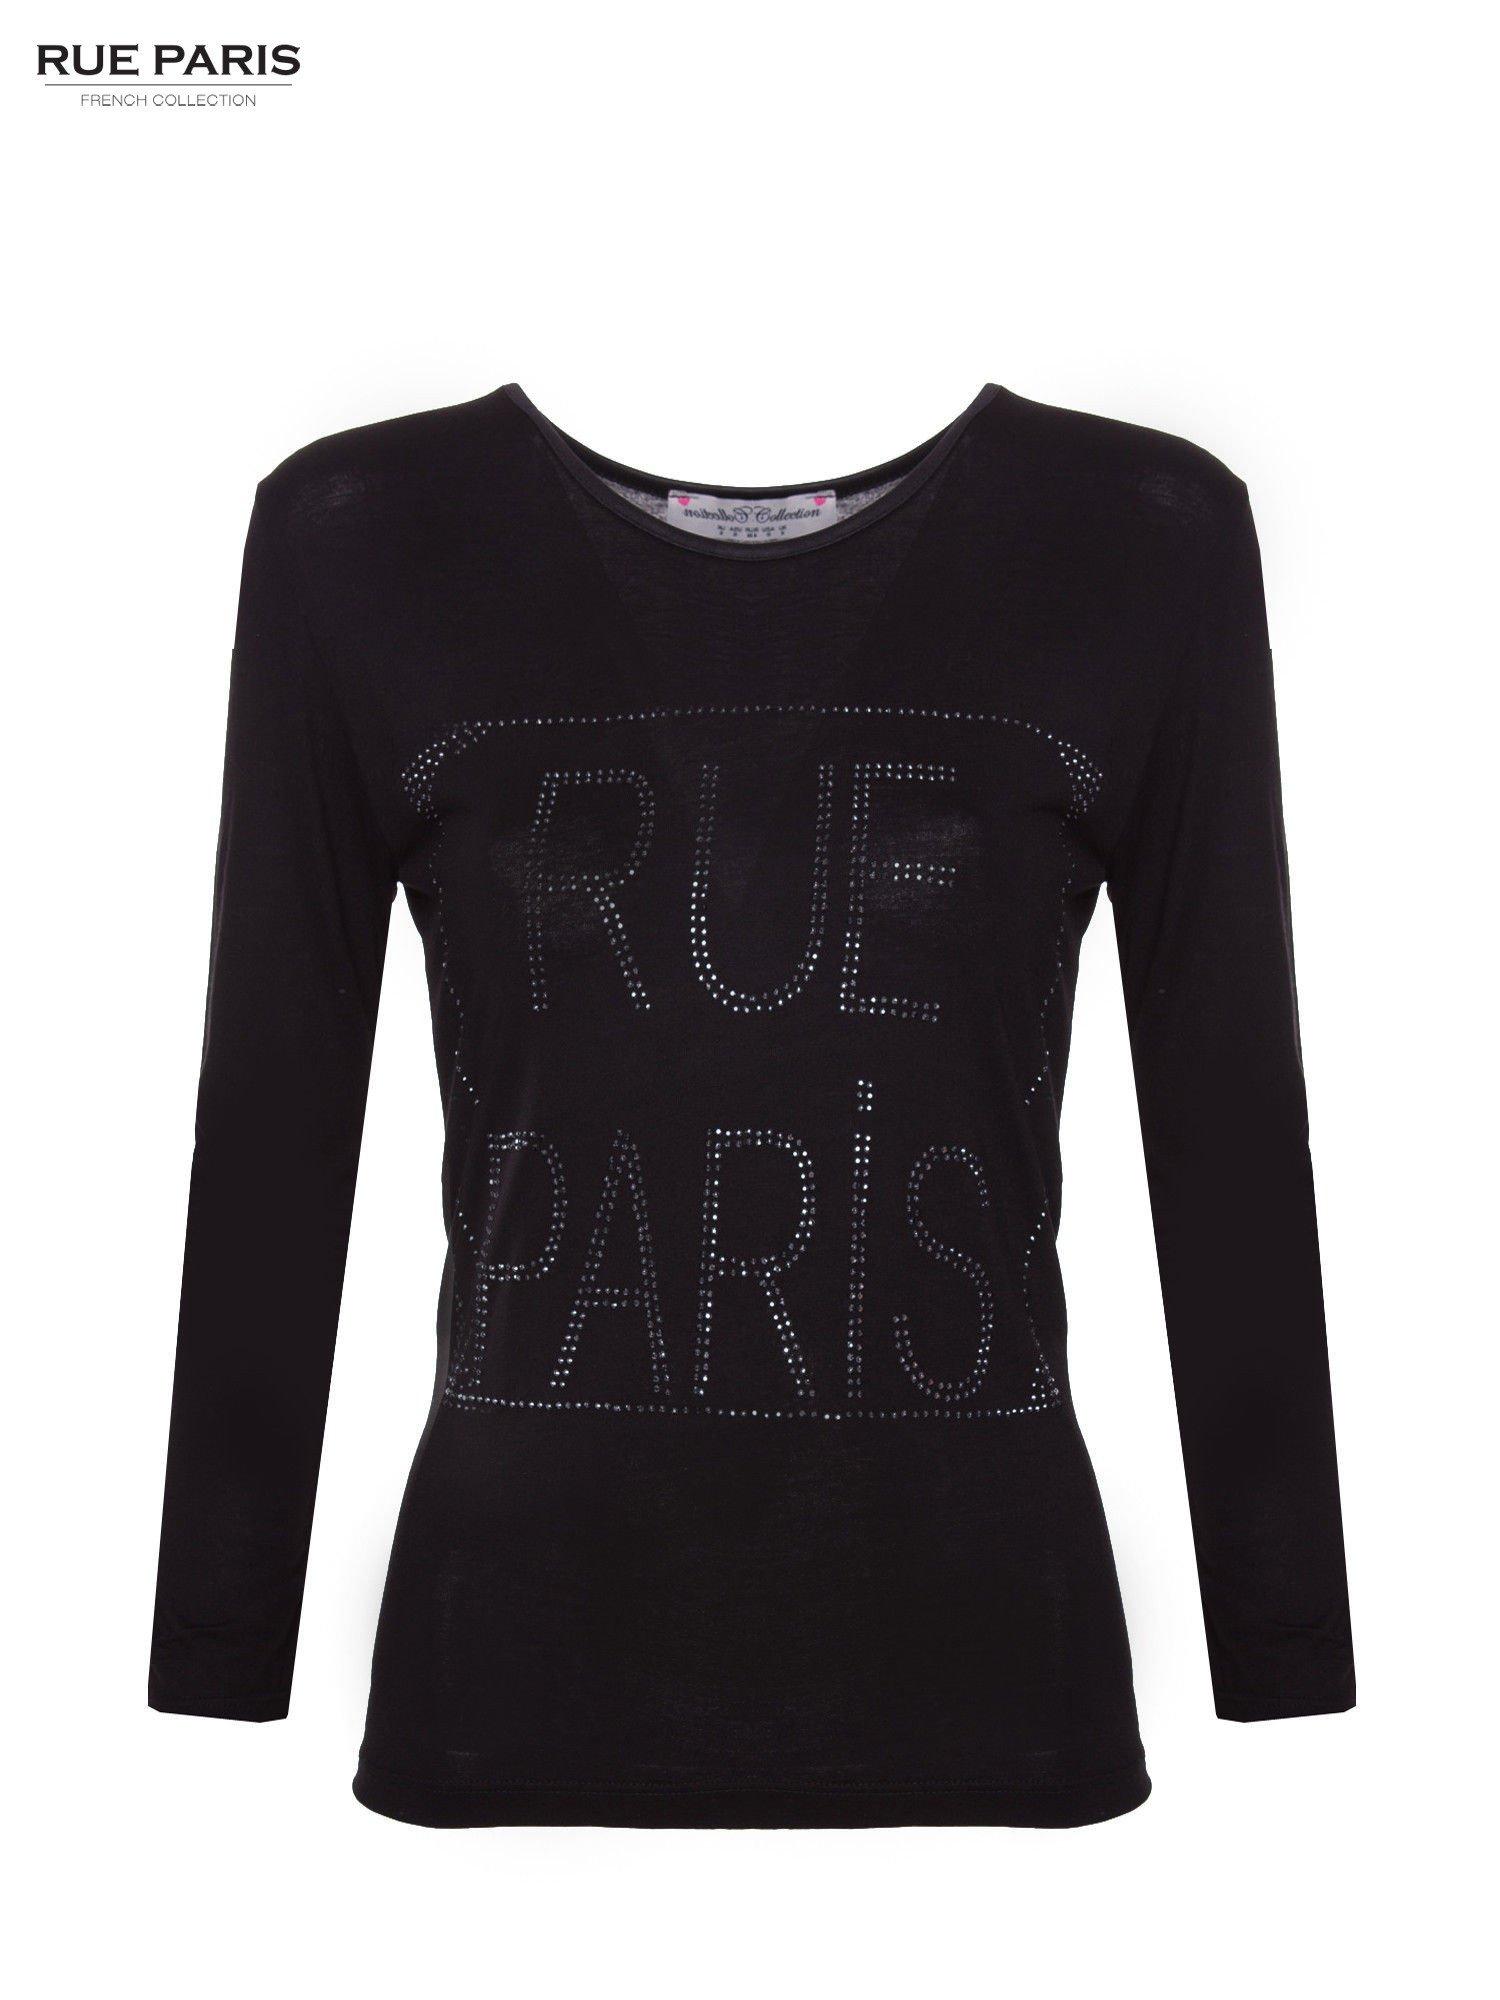 Czarna bluzka RUE PARIS z cyrkoniami                                  zdj.                                  1